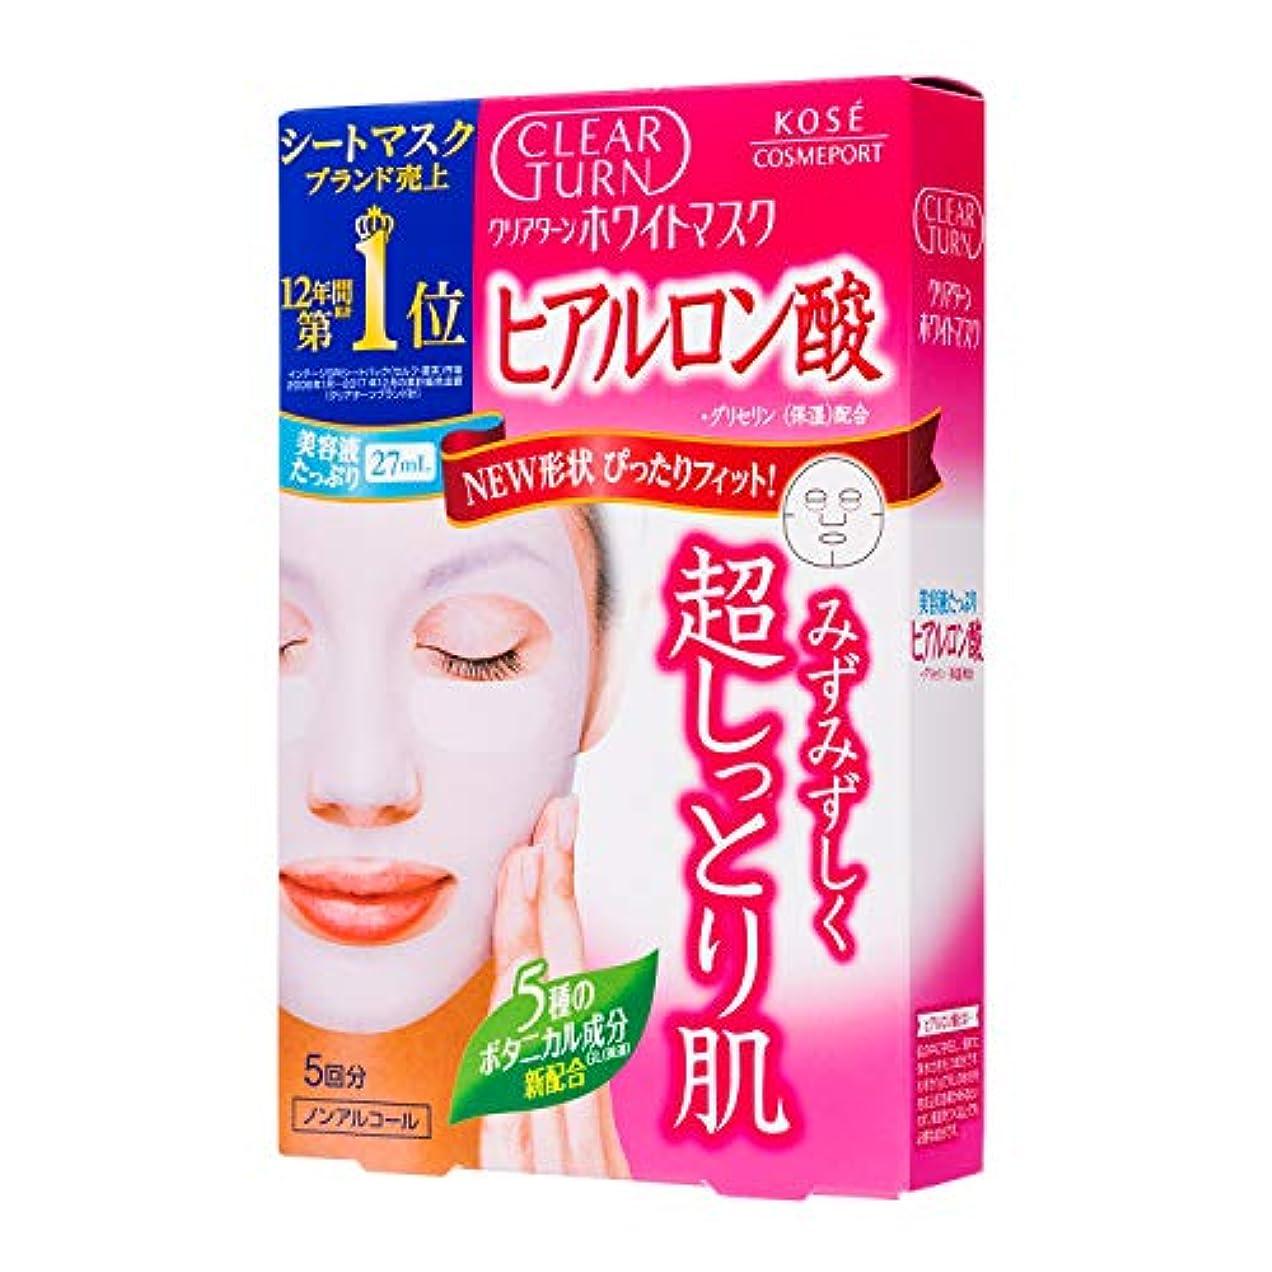 に頼る赤外線去るKOSE コーセー クリアターン ホワイト マスク HA (ヒアルロン酸) 5回分 (22mL×5)